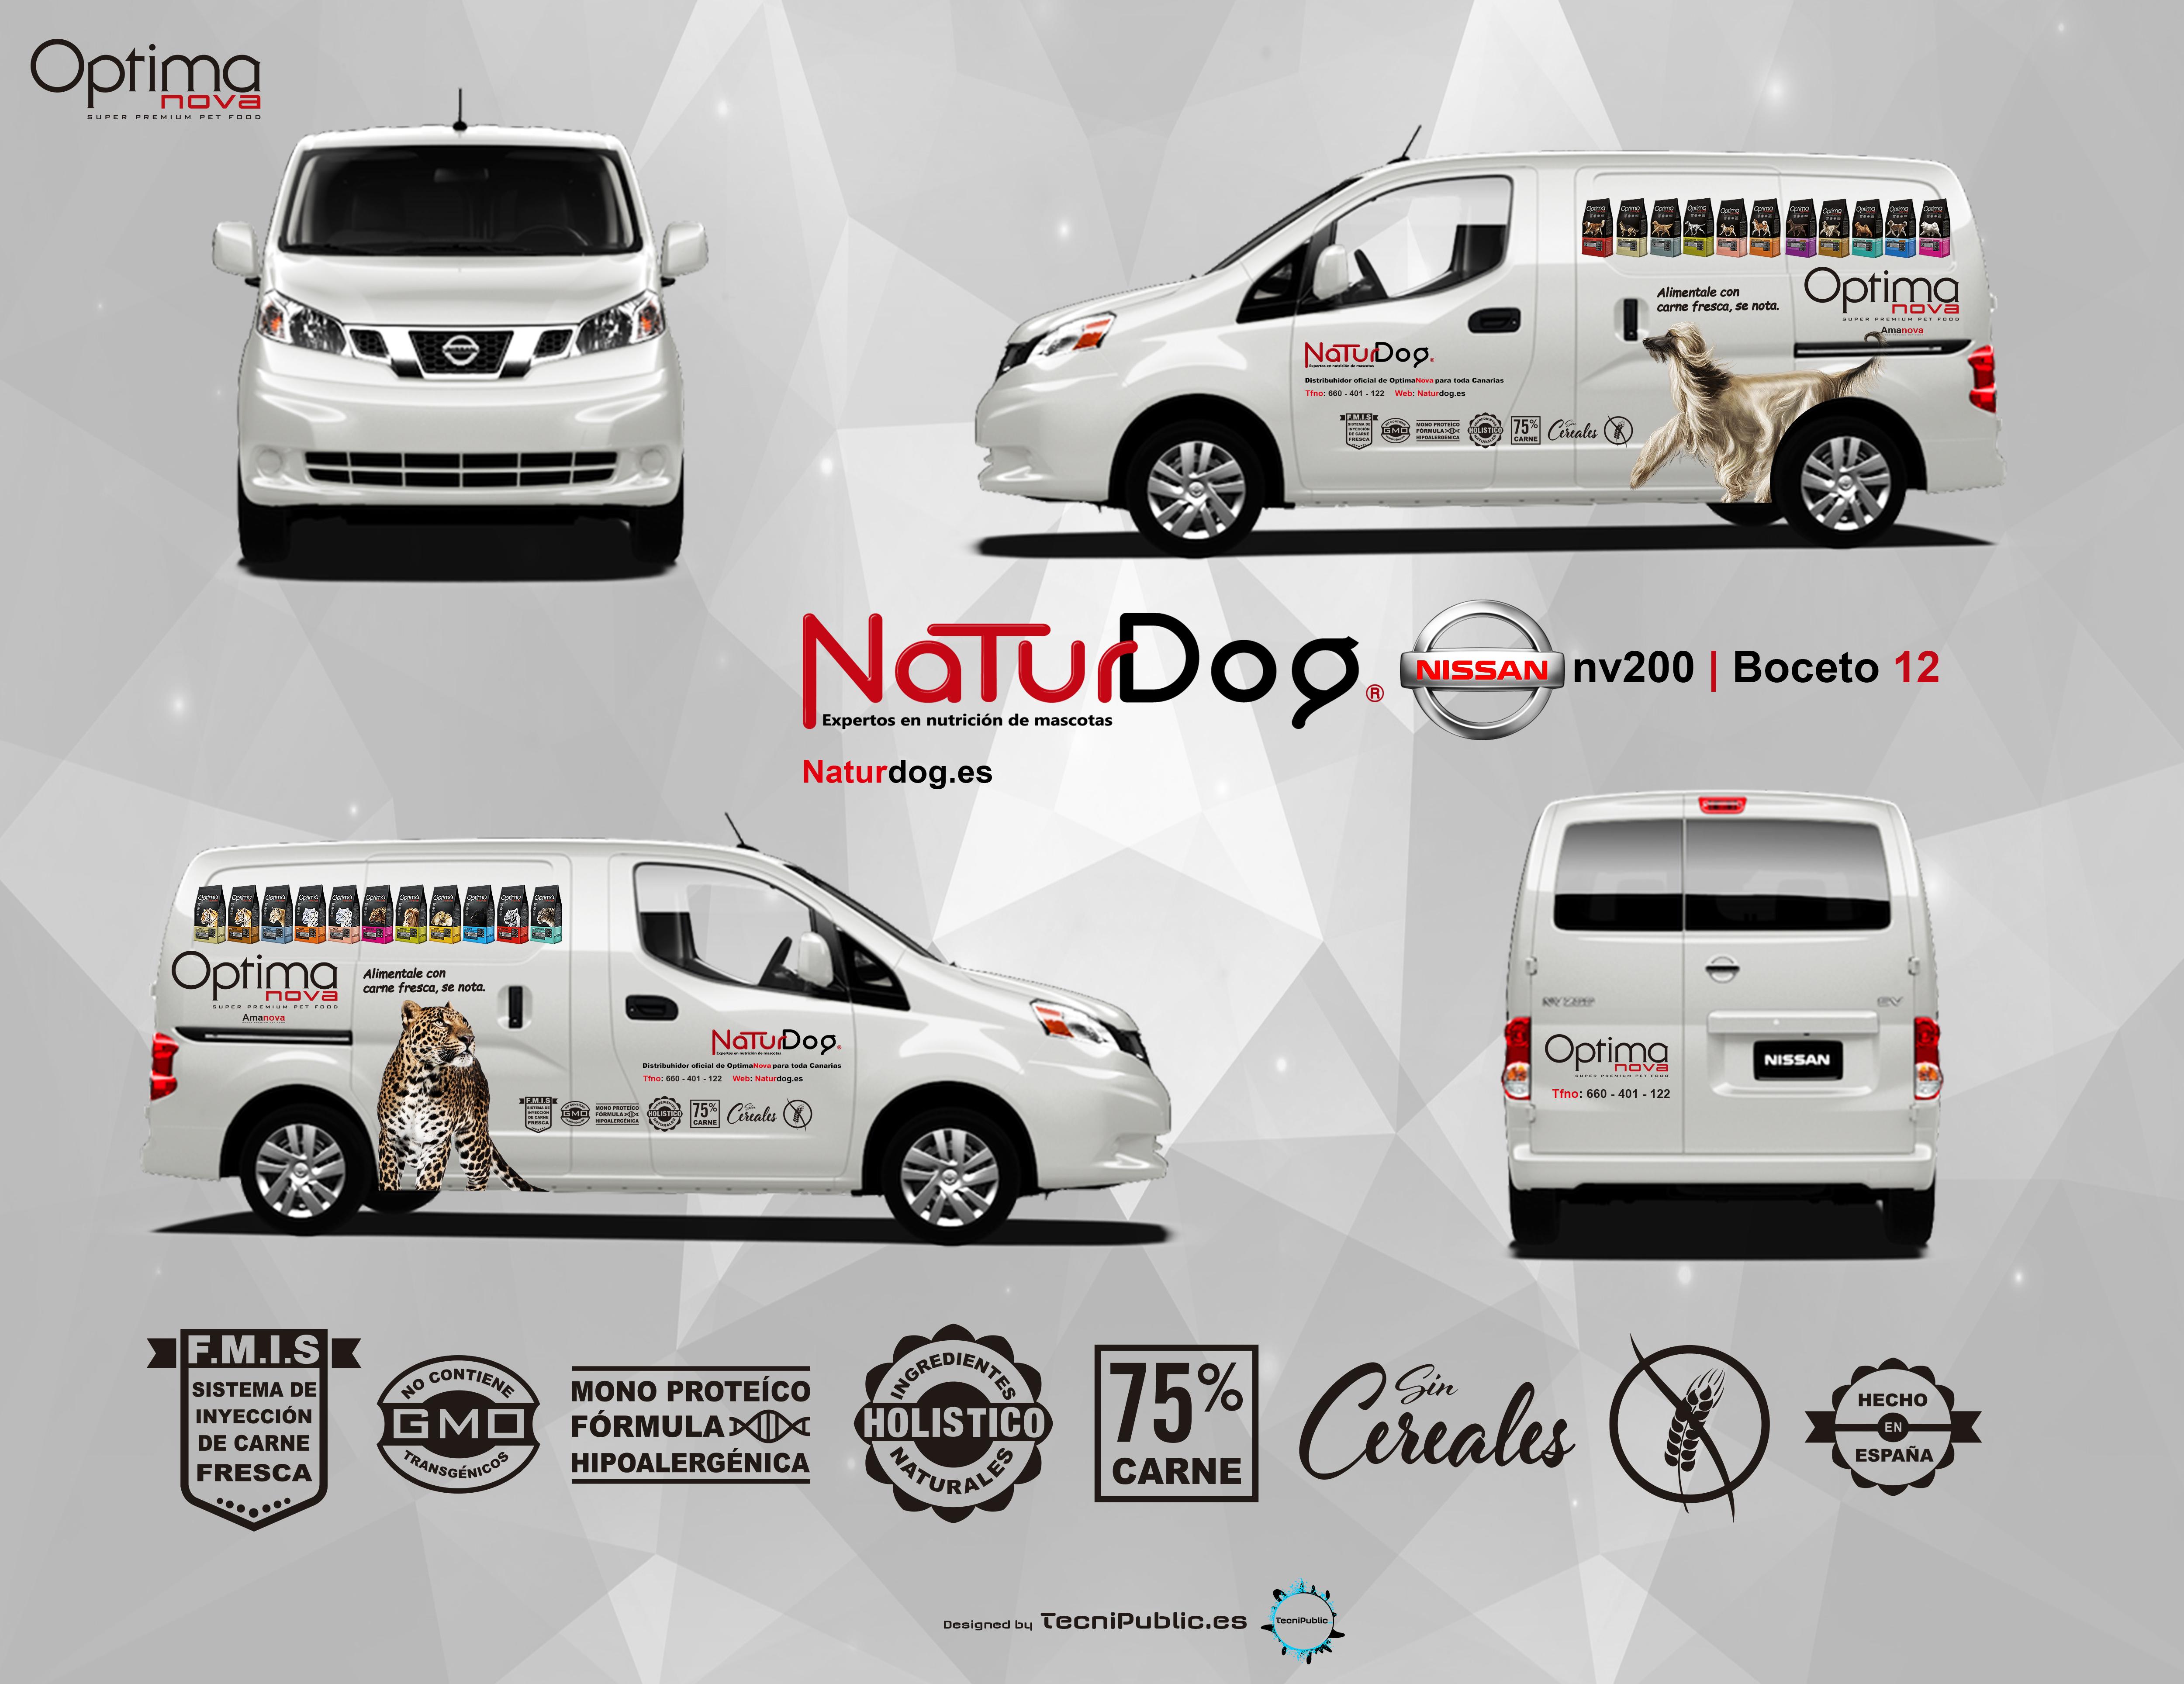 Serigrafía para NaturDog - Nissan nv200